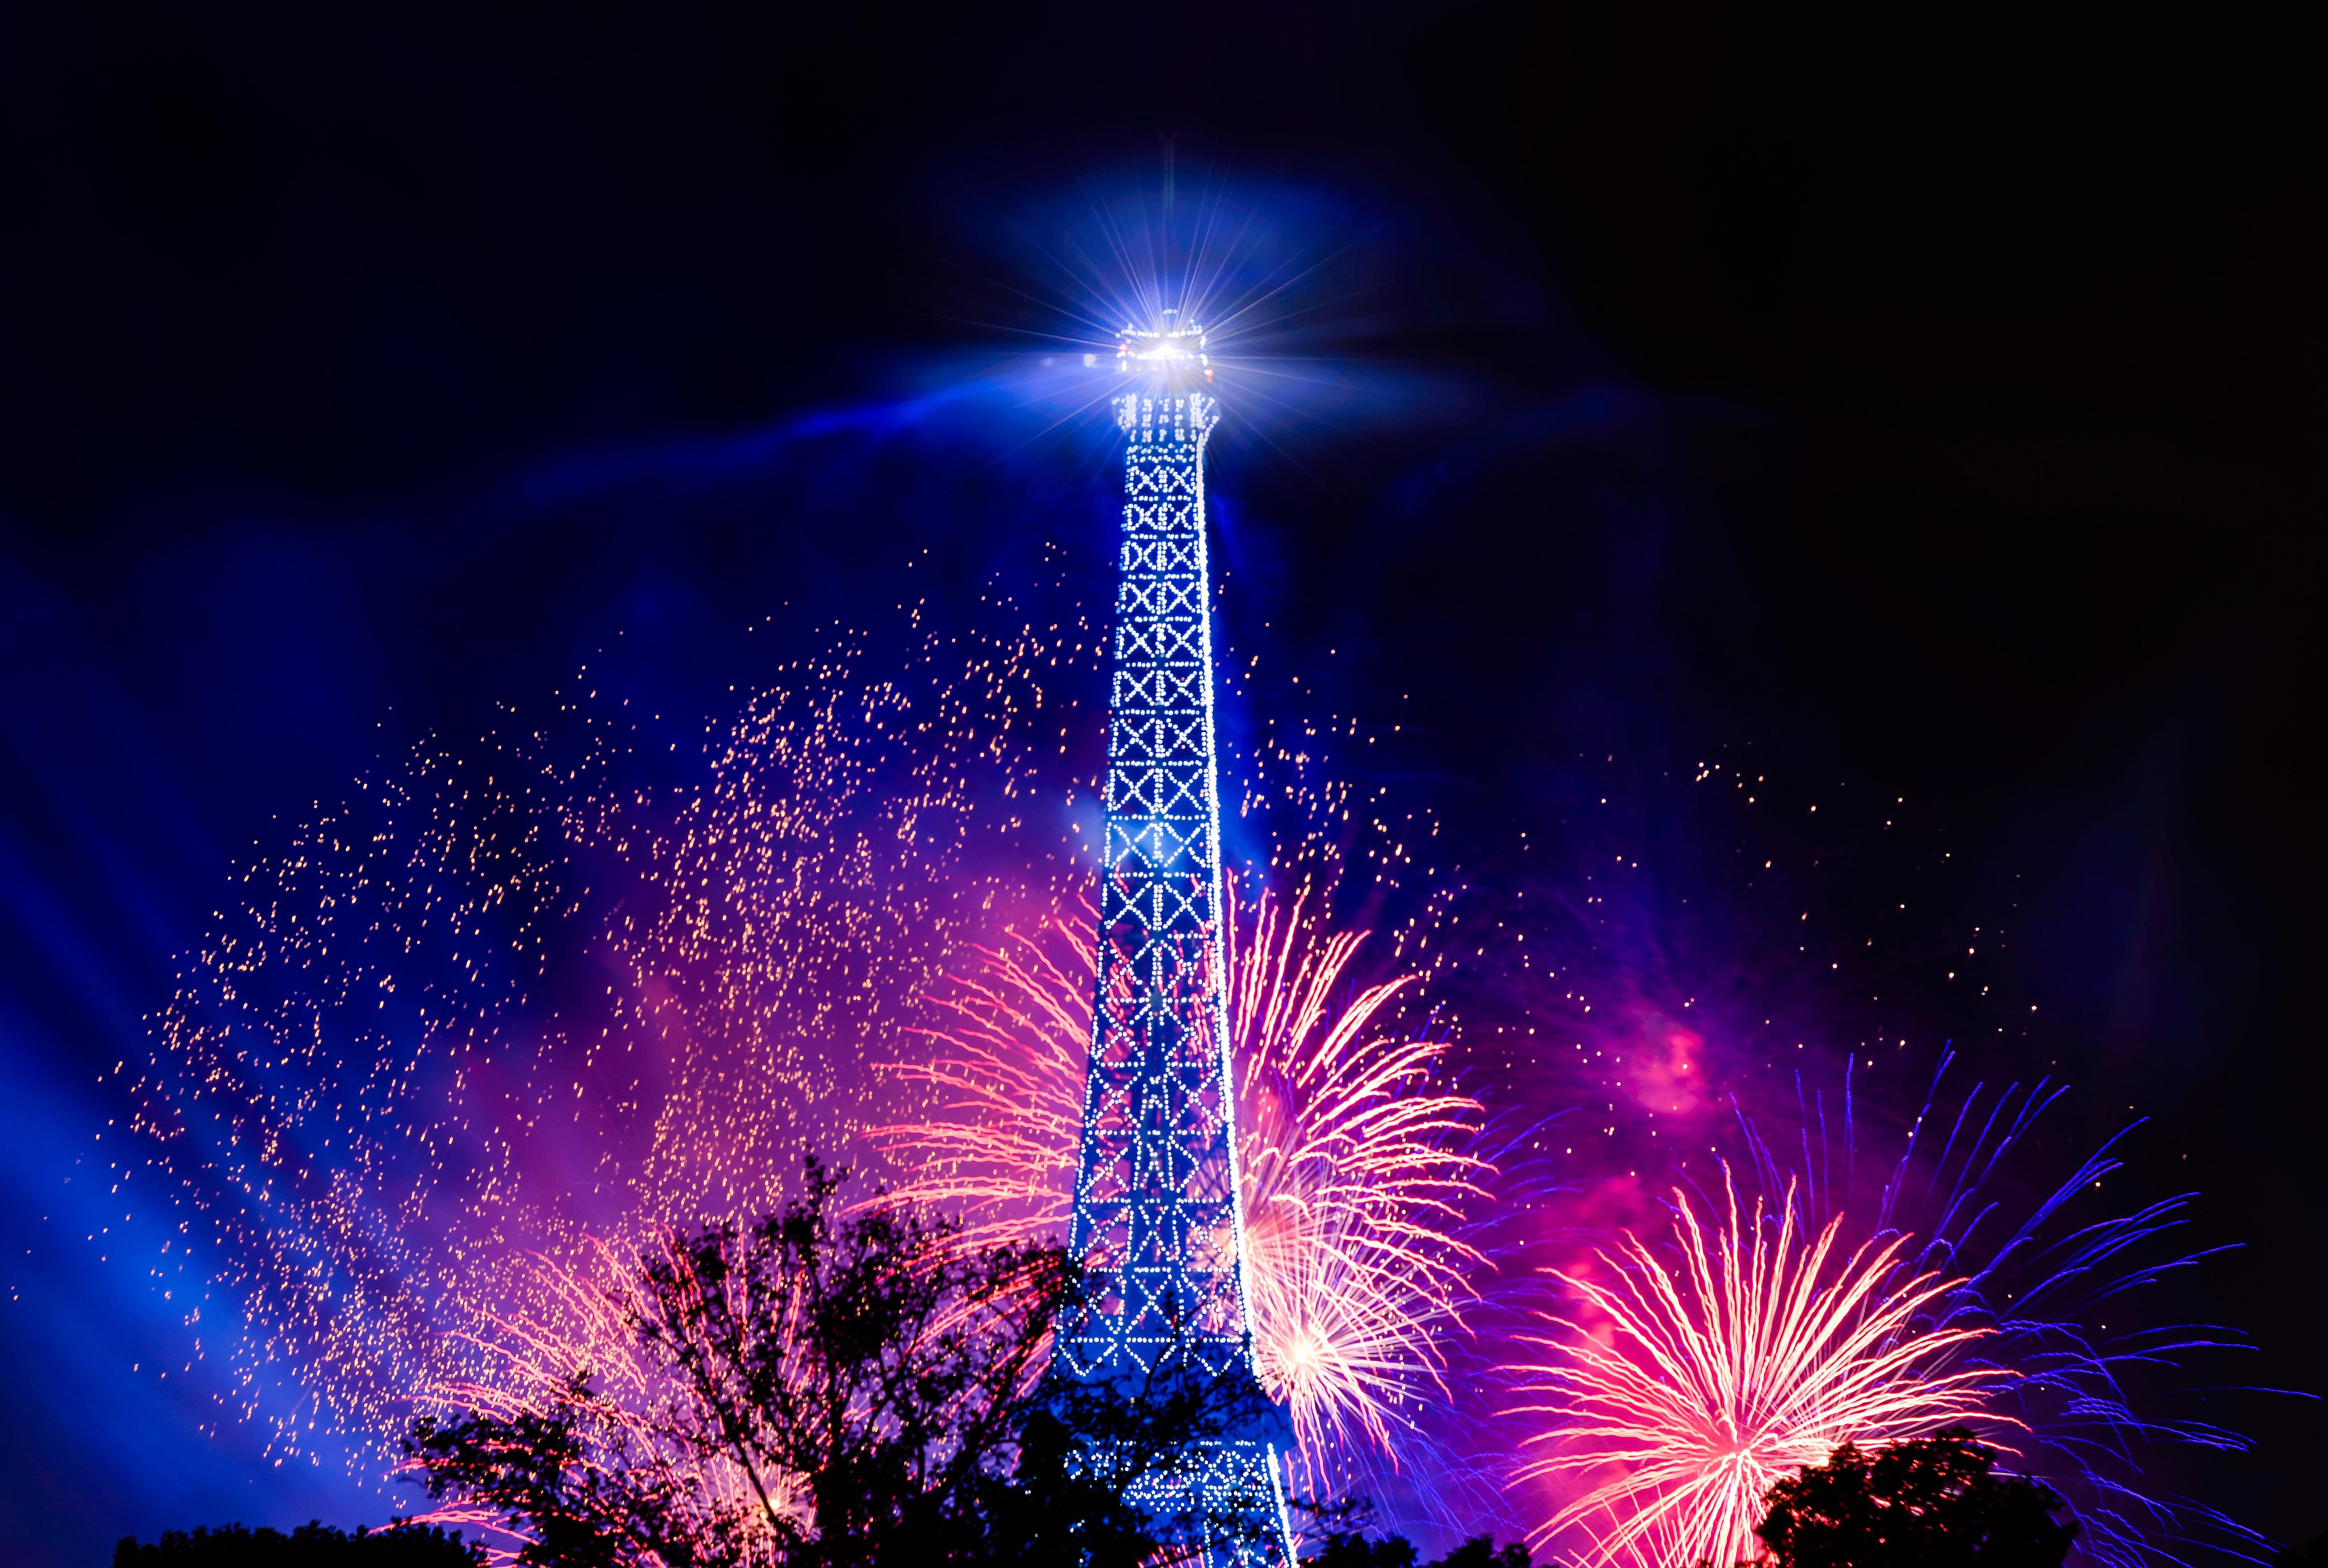 Telecharger Fonds D Ecran Nouvel An Sous La Tour Eiffel Gratuitement